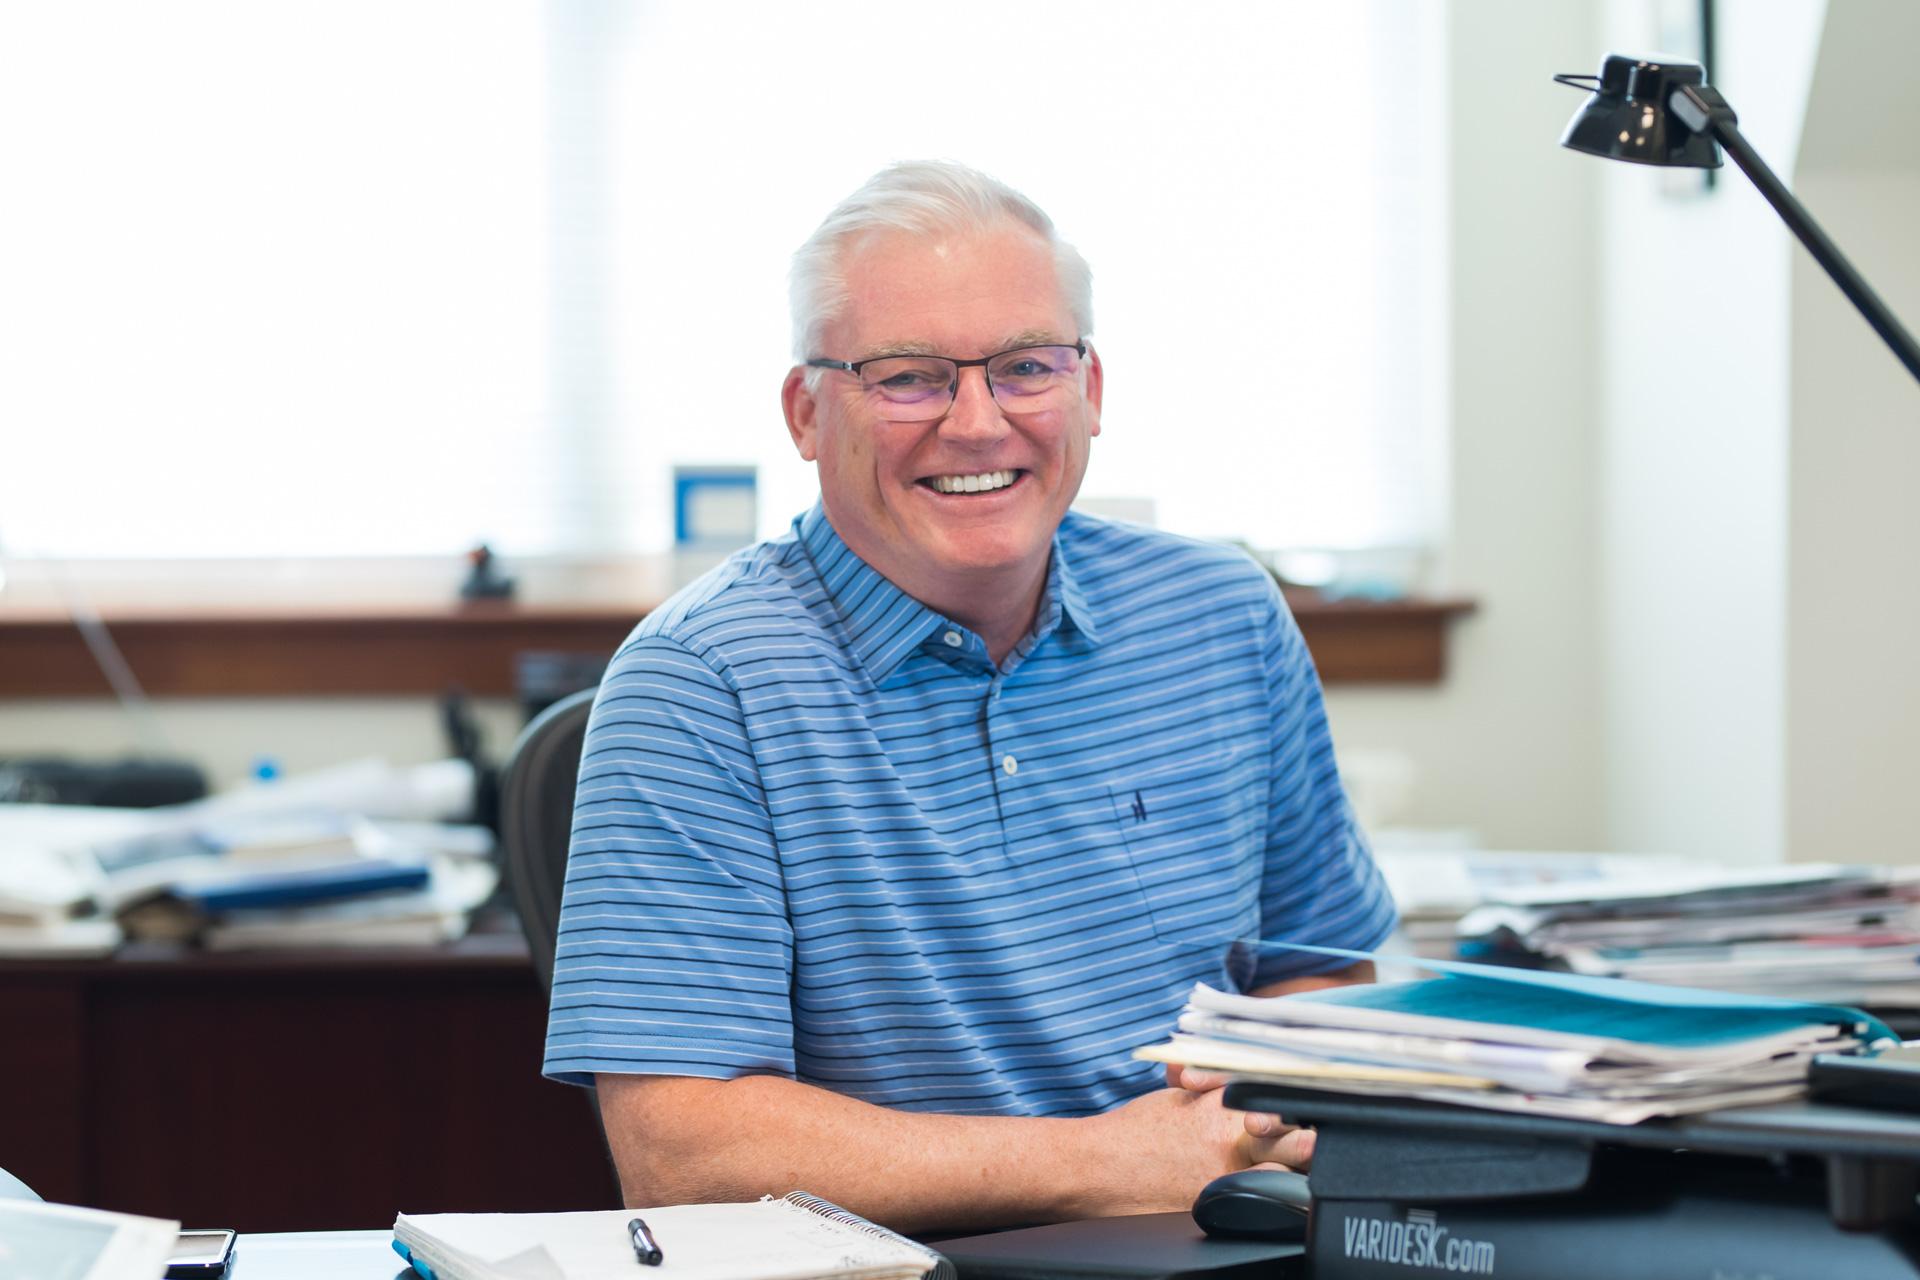 Man smiling at desk